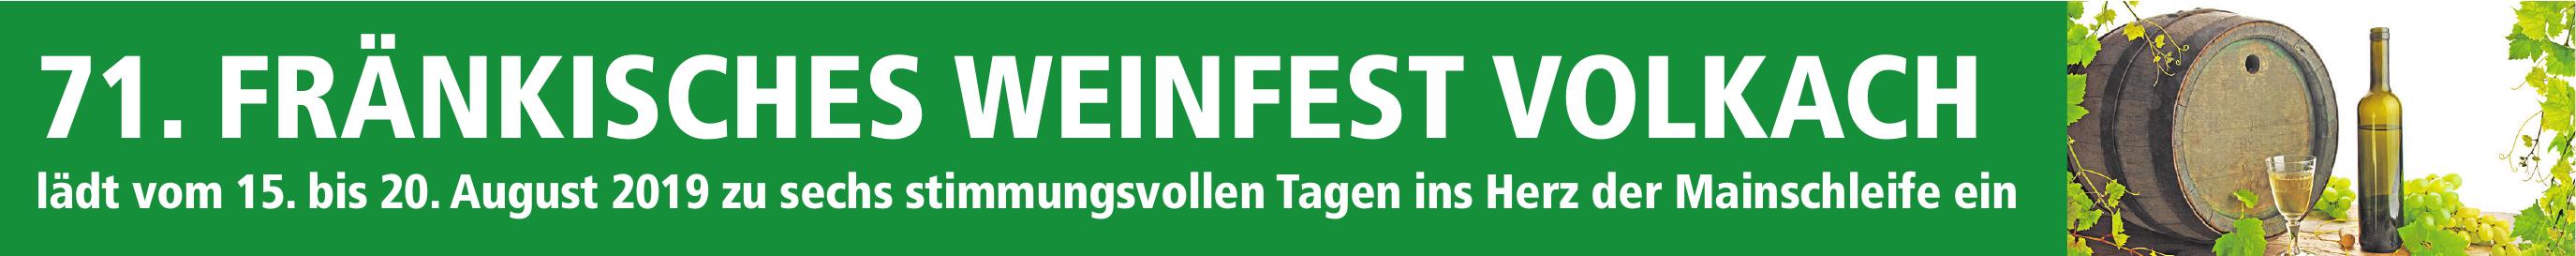 71. Fränkisches Weinfest Volkach Image 1